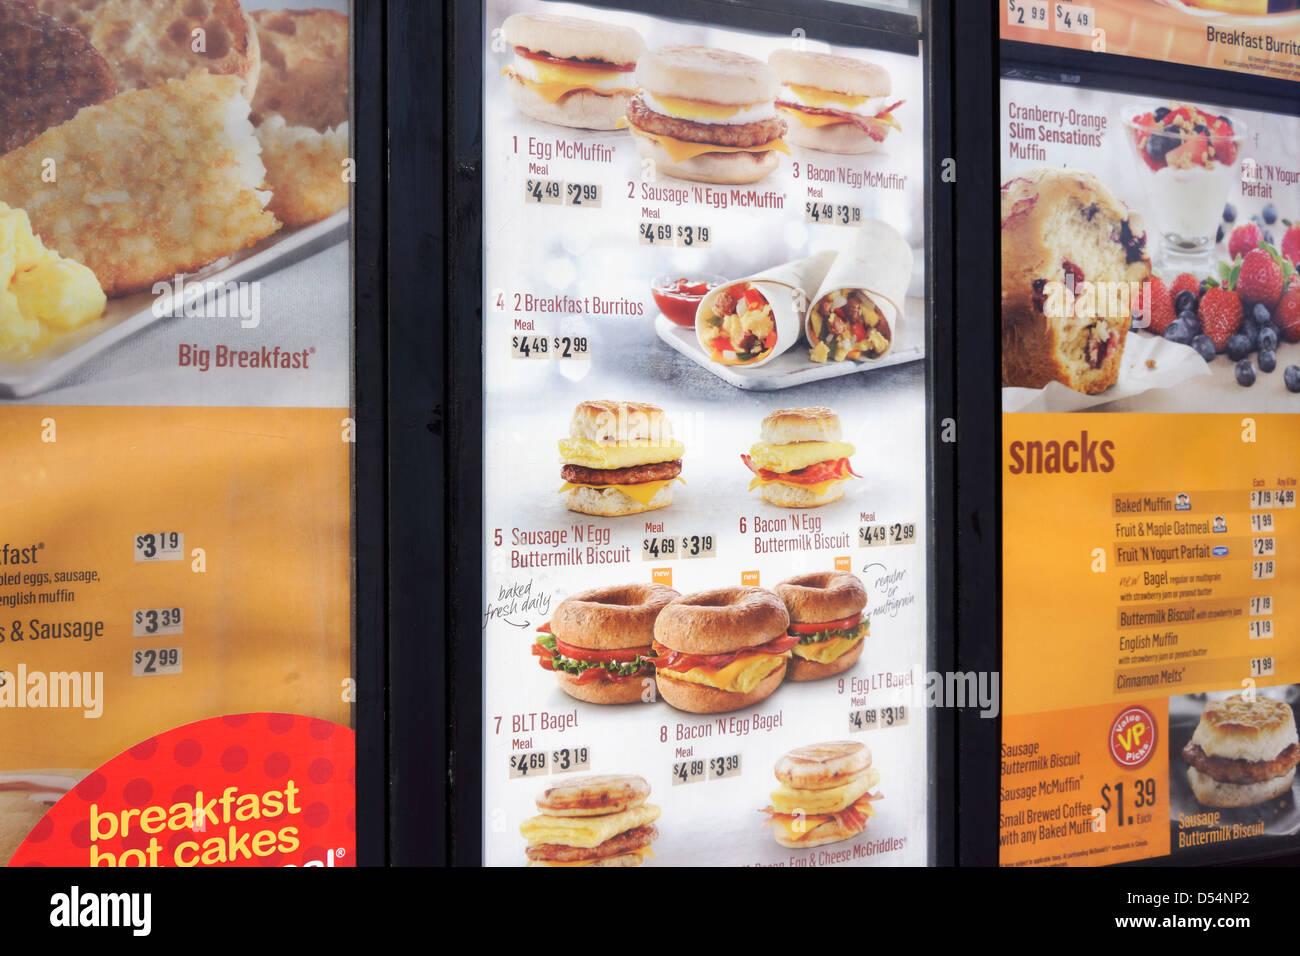 McDonald's Menu - Stock Image